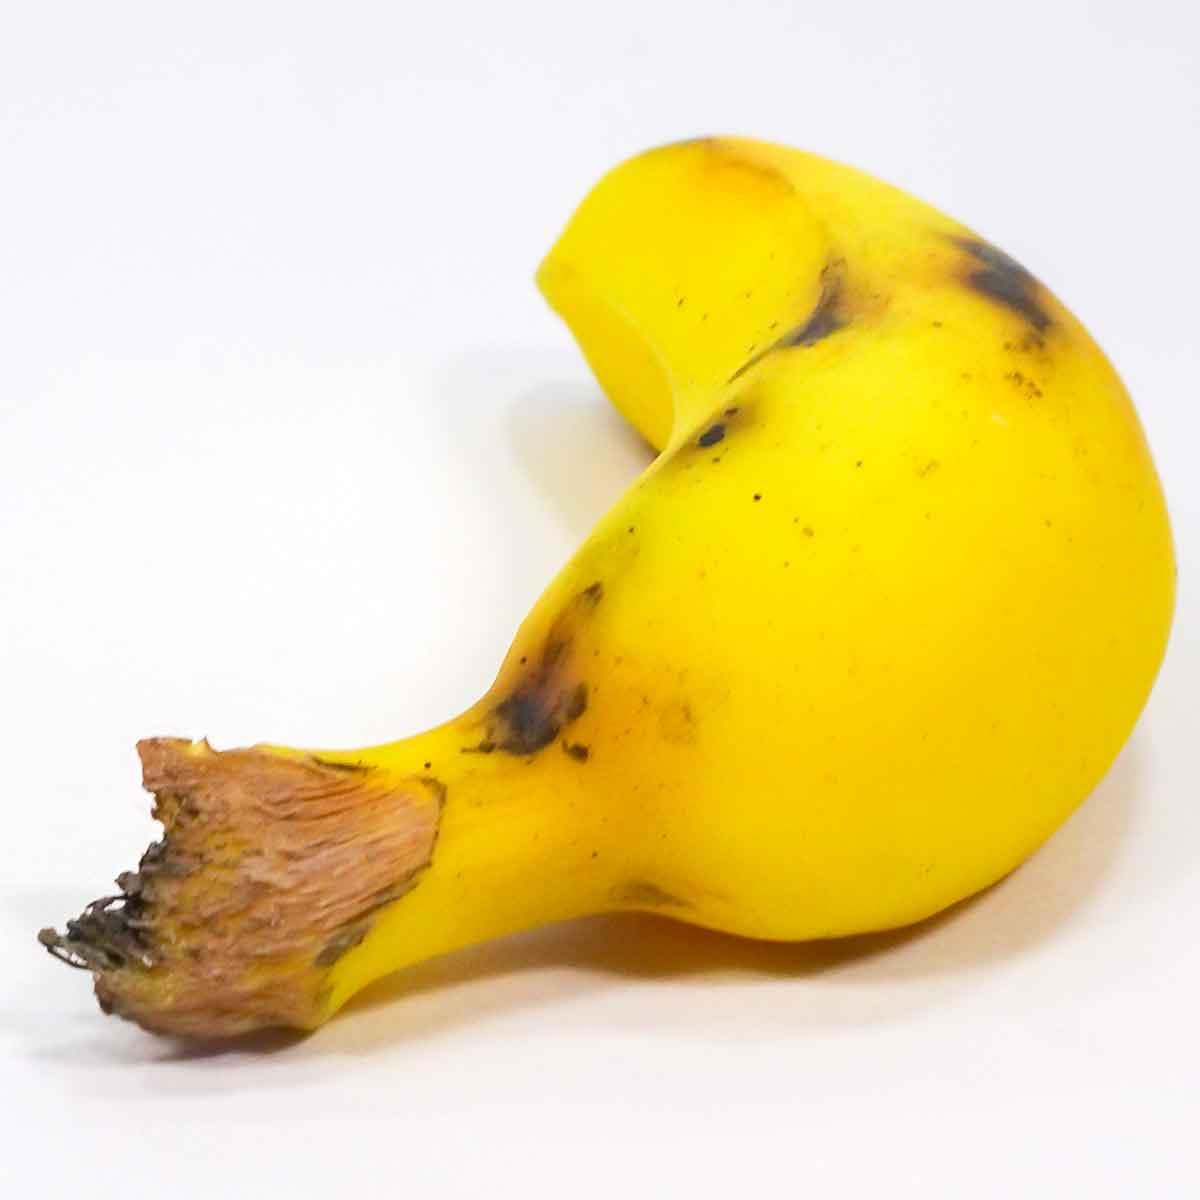 モンキーバナナの食品サンプル